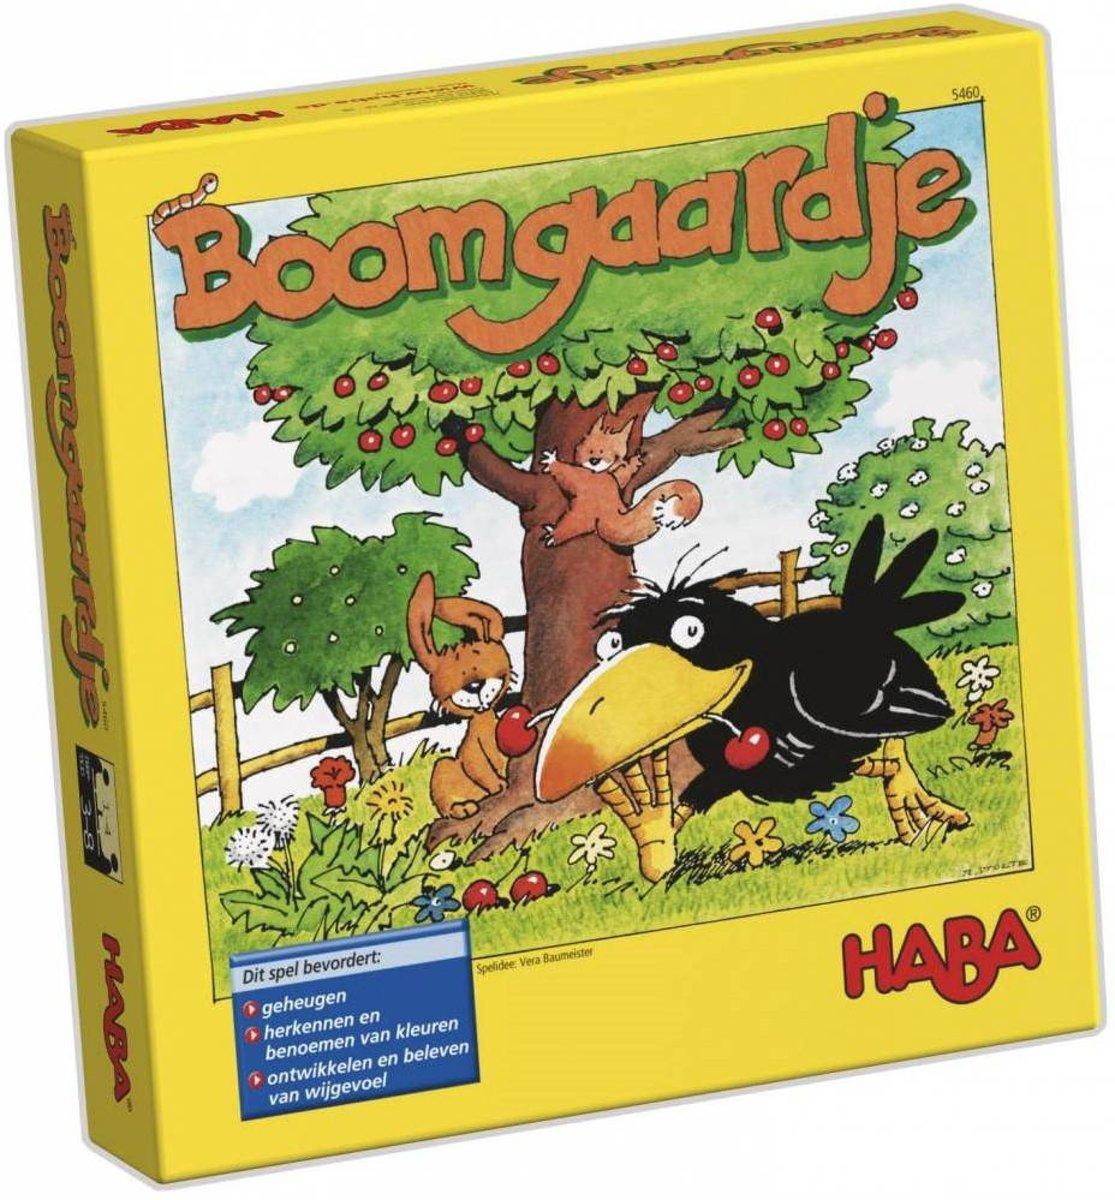 Haba Spel Spelletjes vanaf 3 jaar Boomgaardje